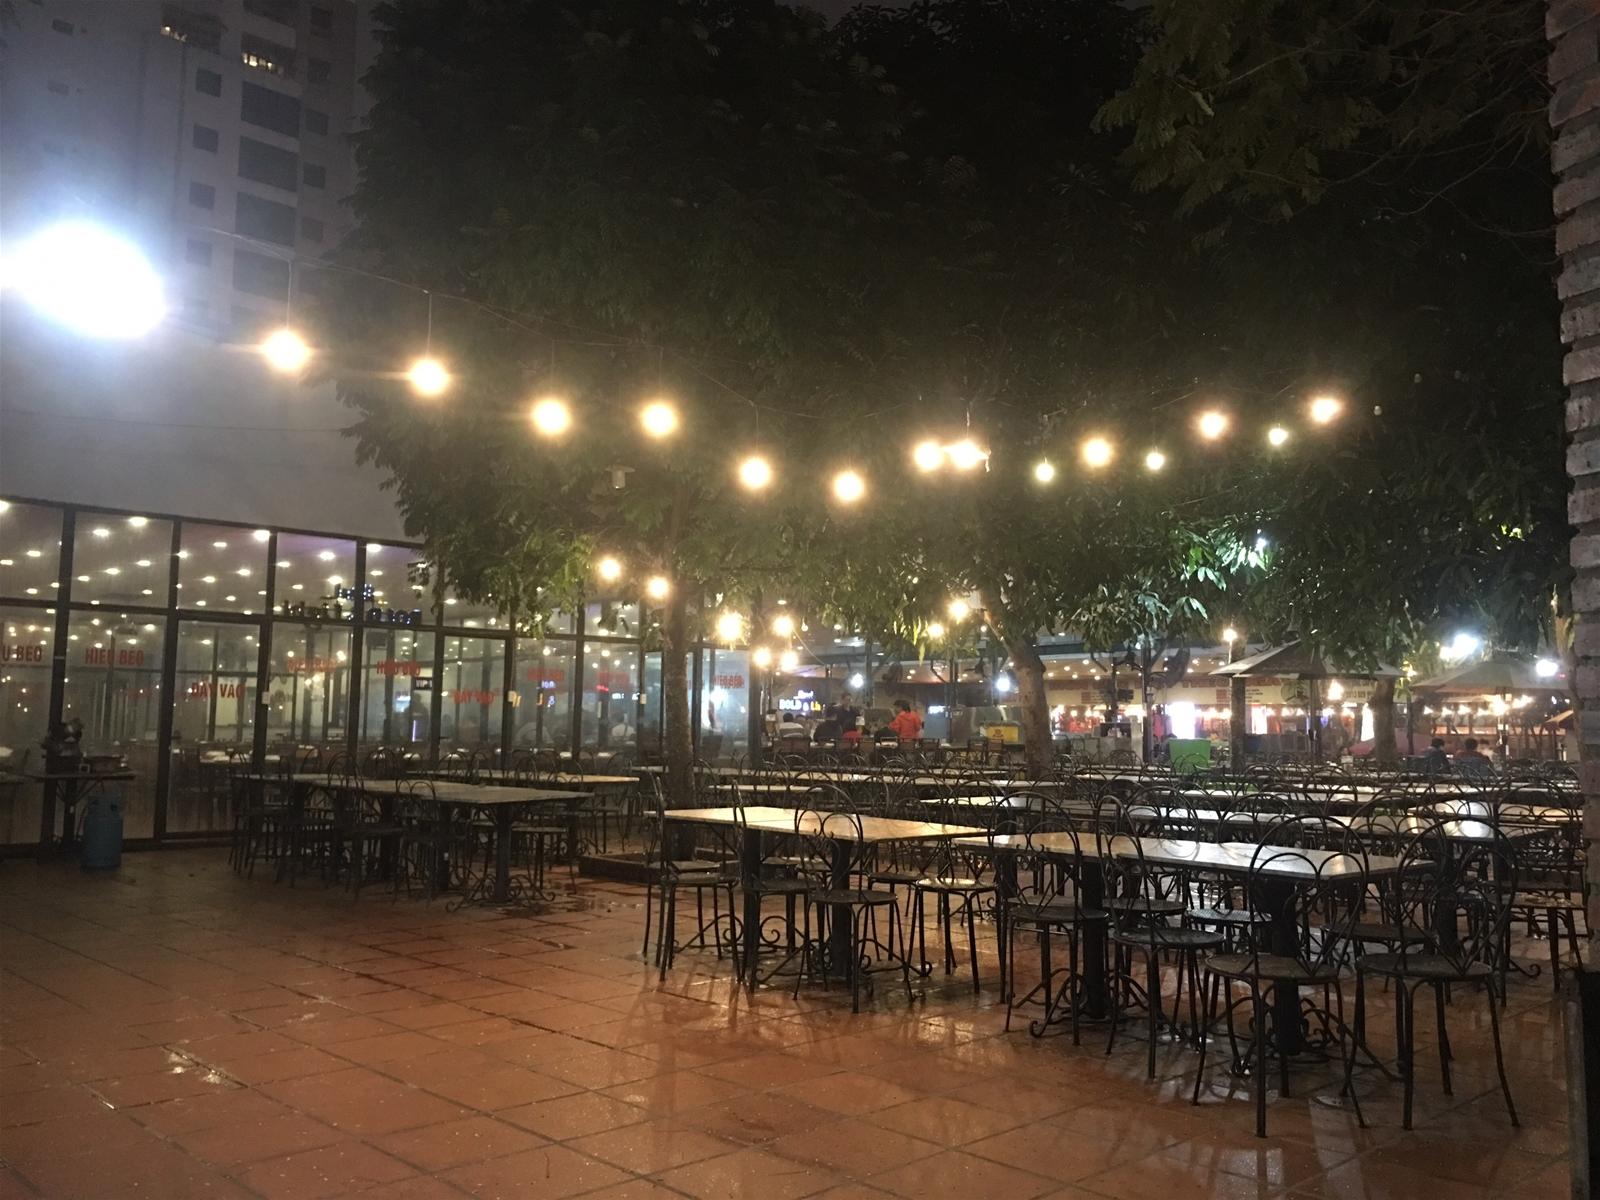 Quán ăn, nhà hàng vắng khách trong mùa dịch Covid-19